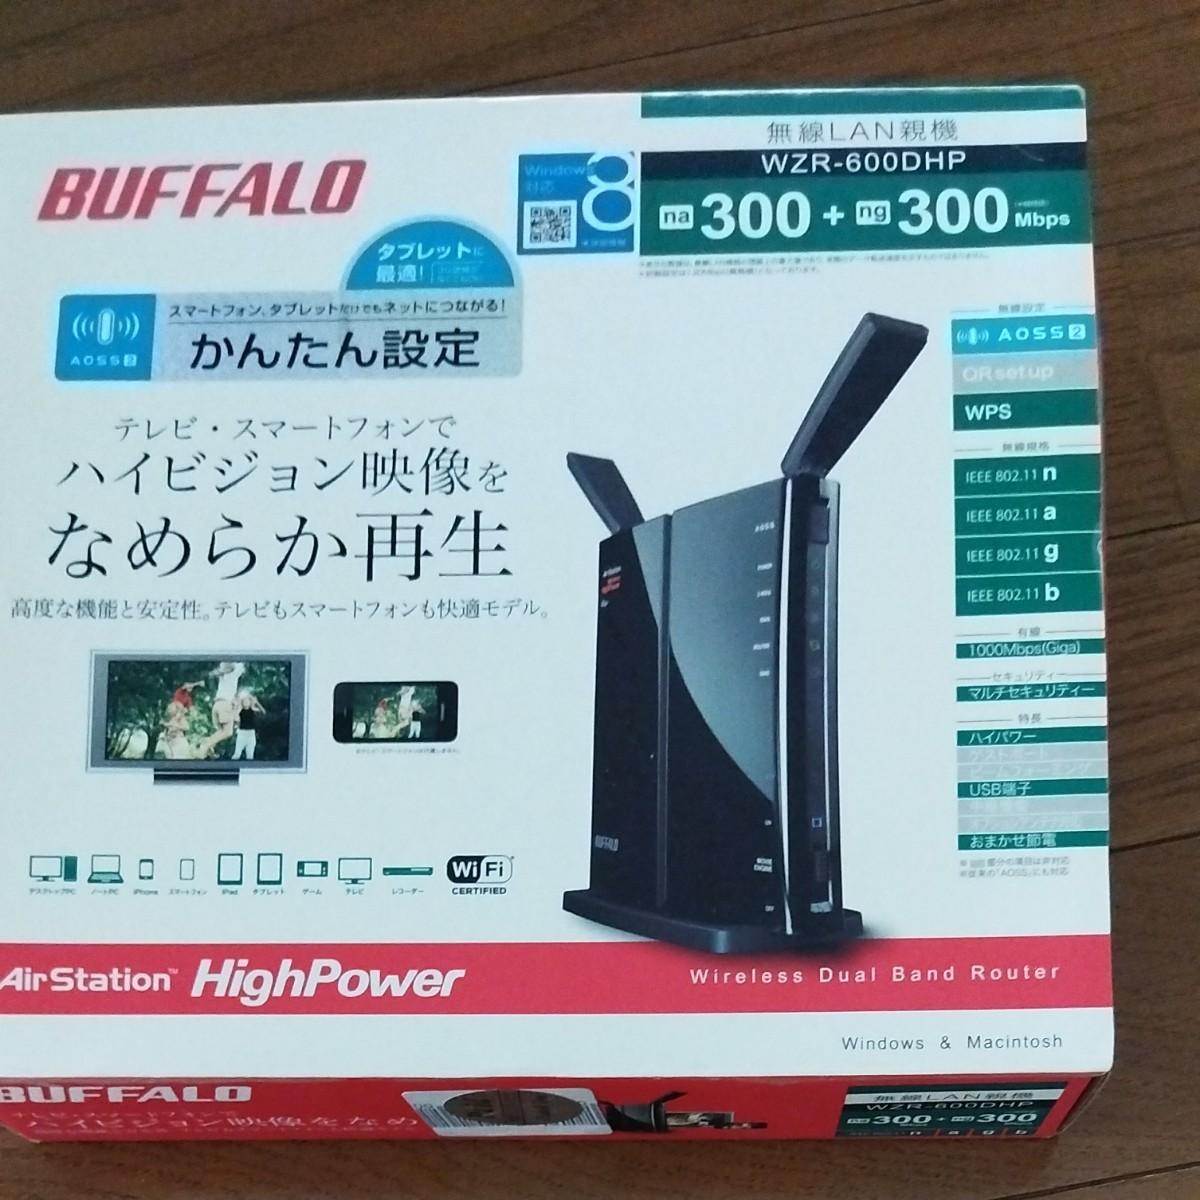 無線LANルーター BUFFALO WZR-600DHP